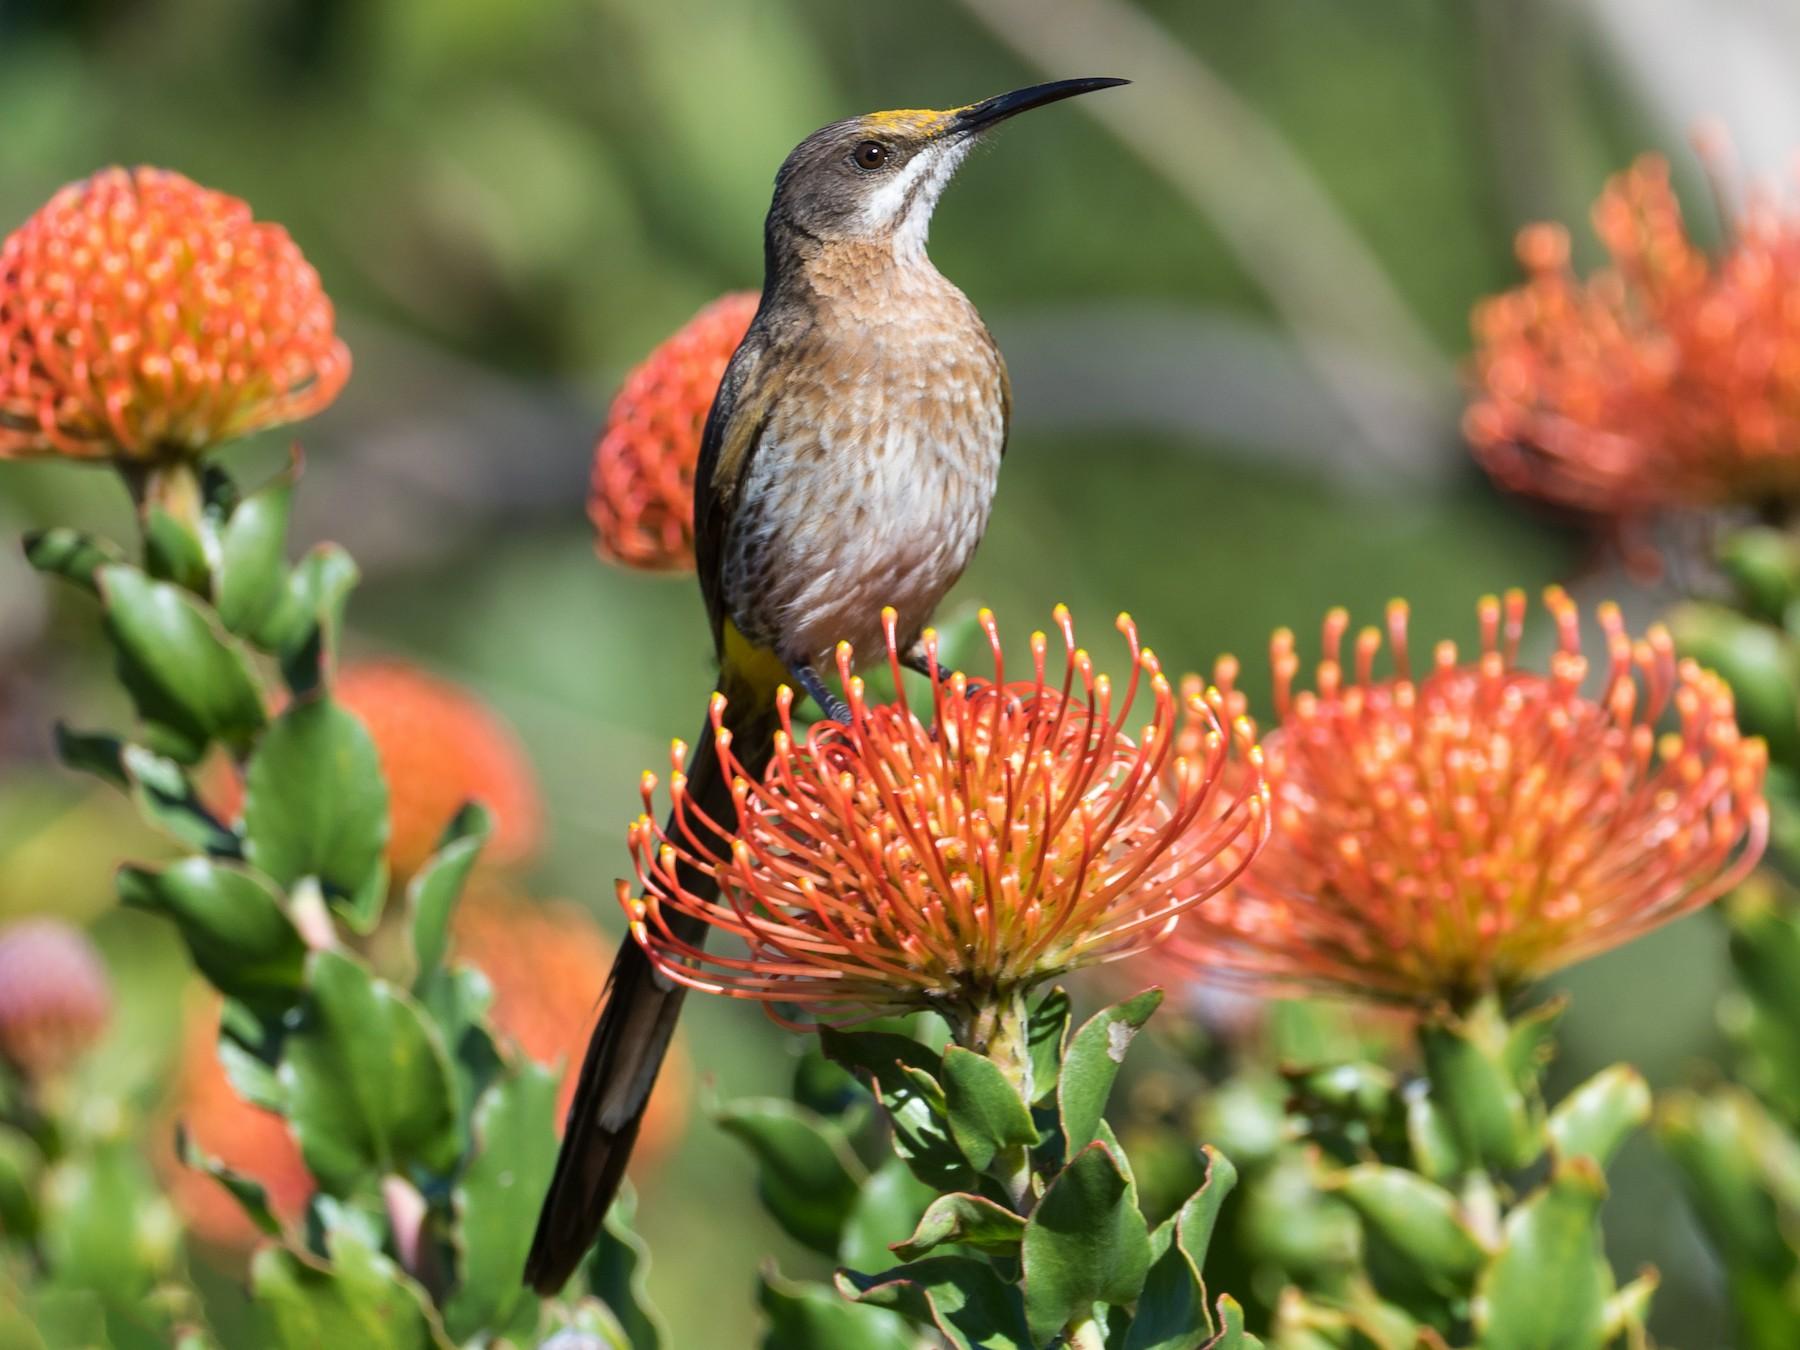 Cape Sugarbird - Markus Craig